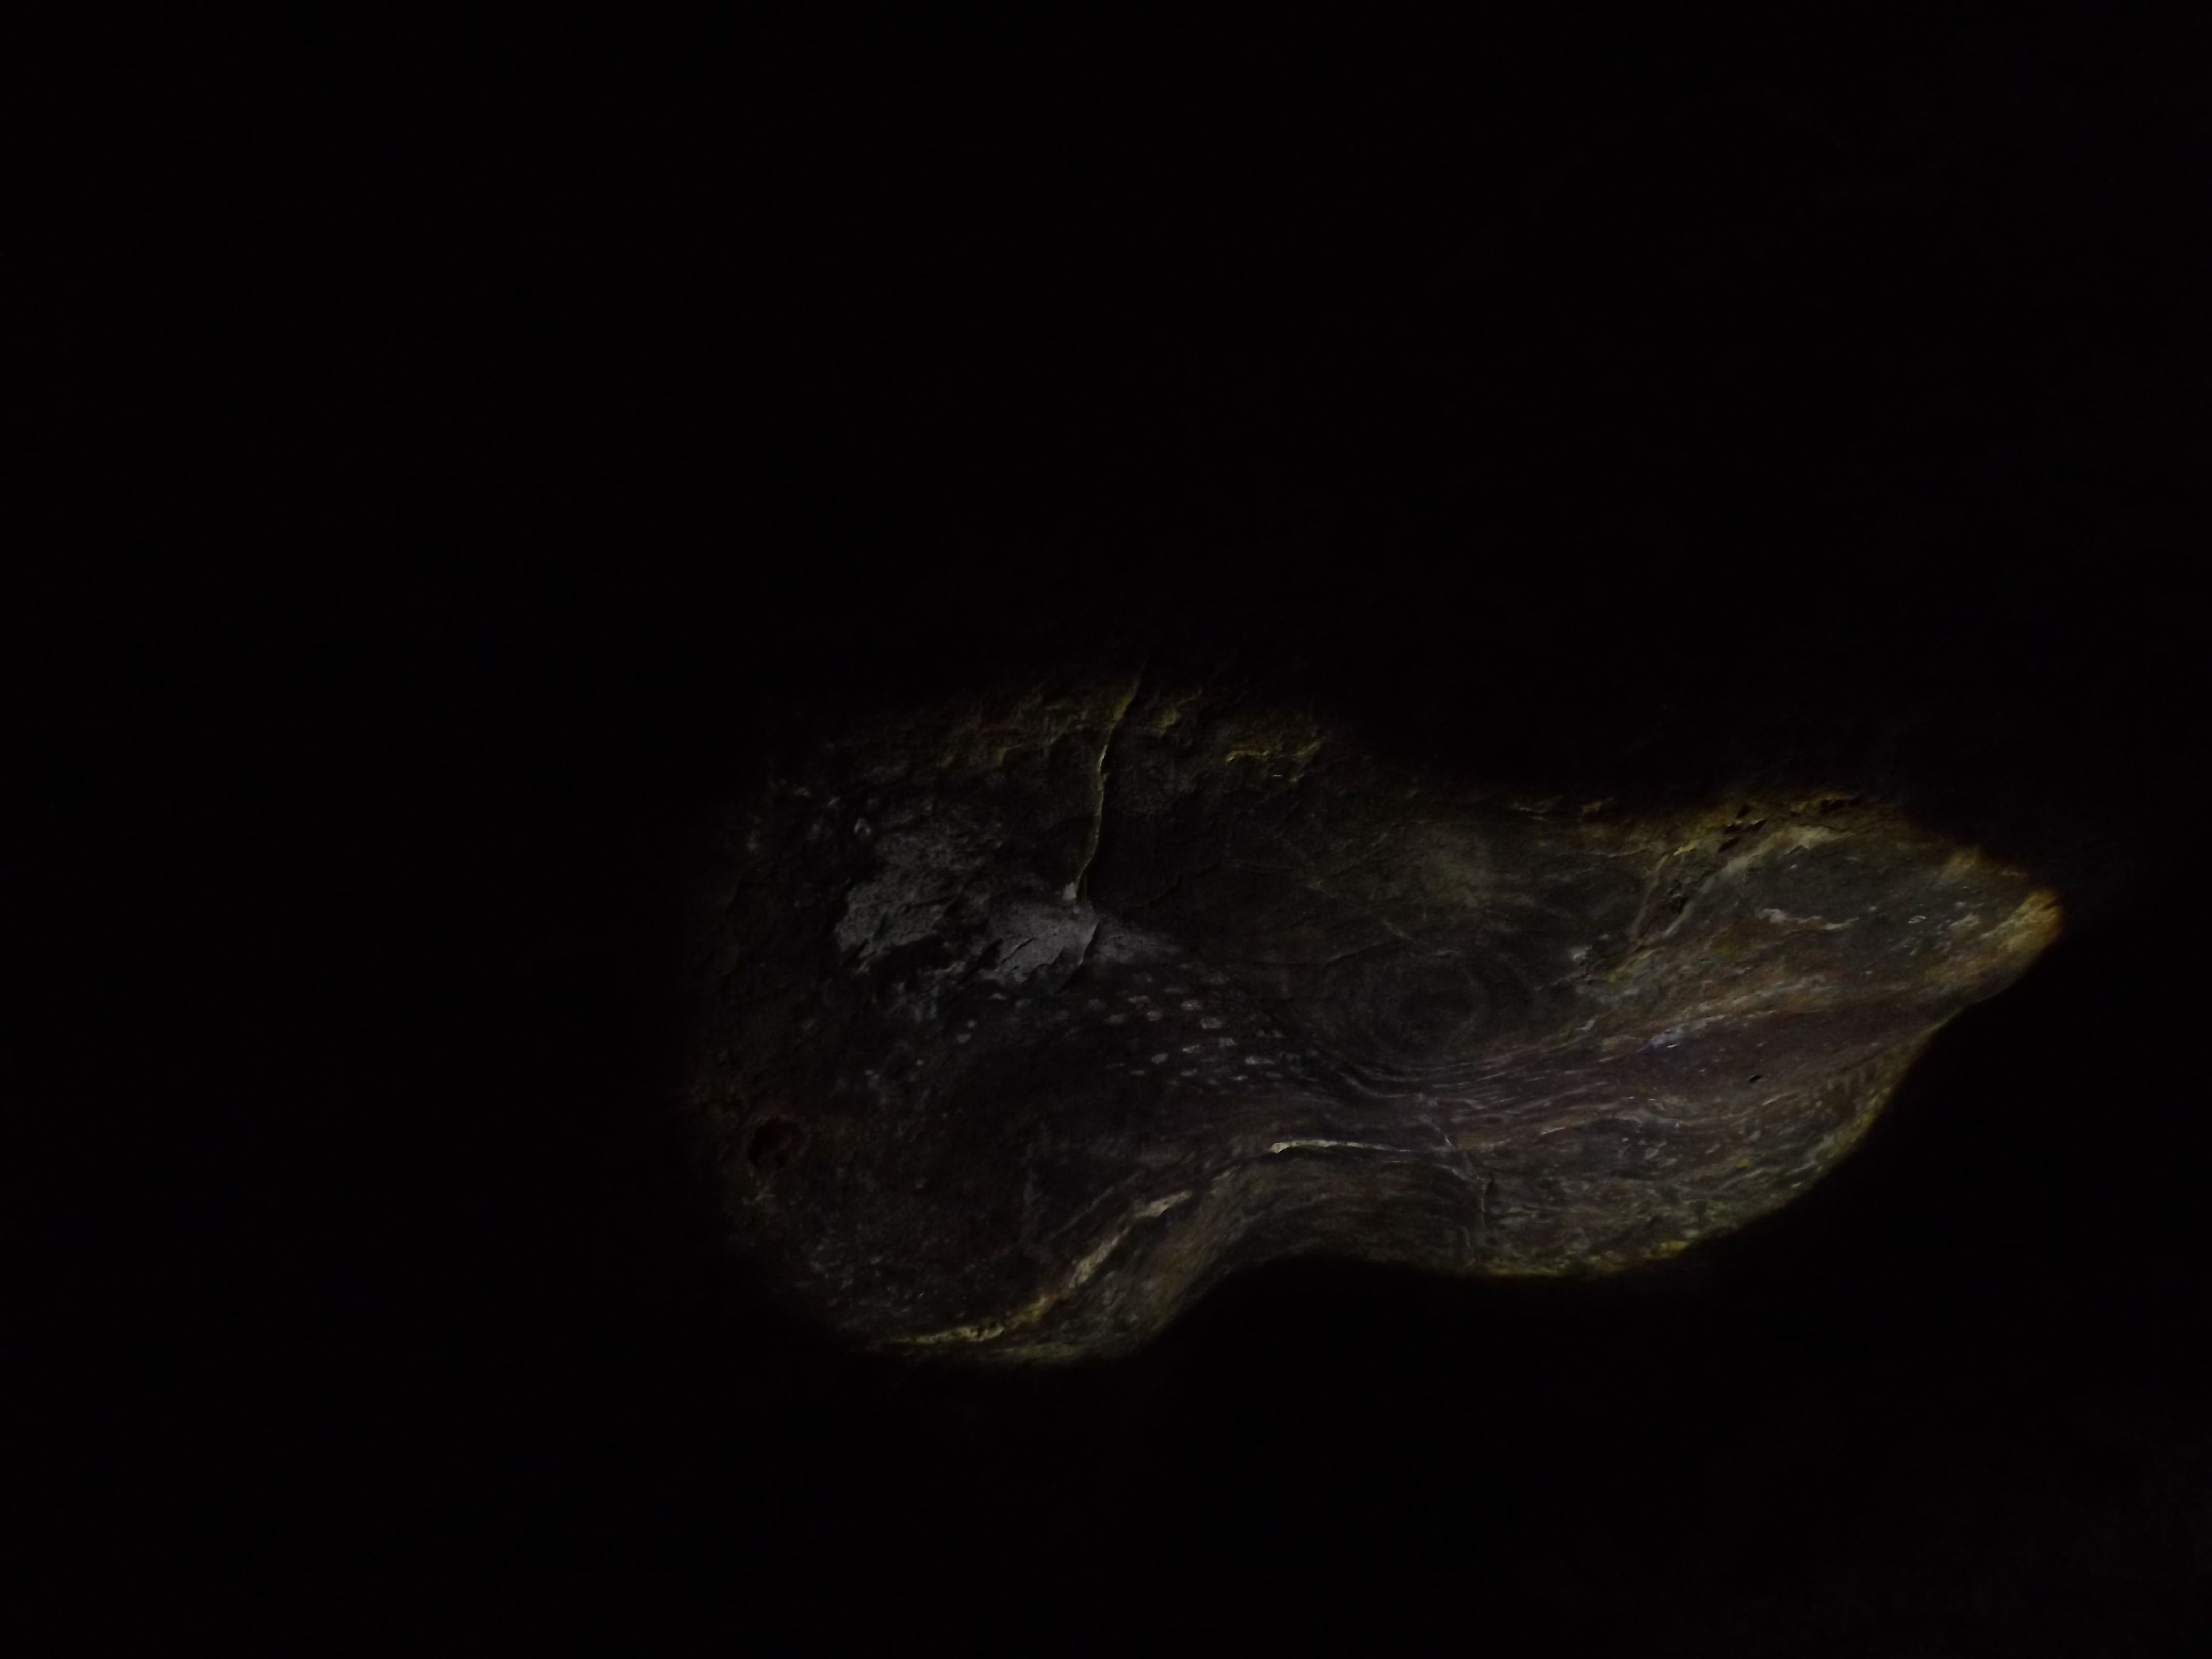 Abrigo Columbia Pedra do Corredor  Unaí-MG  Foto: Victor Manoel Ribeiro (Passarin) Iluminação:Isaura Vieira e Taís Aragão.  *Pesquisa de campo realizada  no dia 22 de junho de 2014.